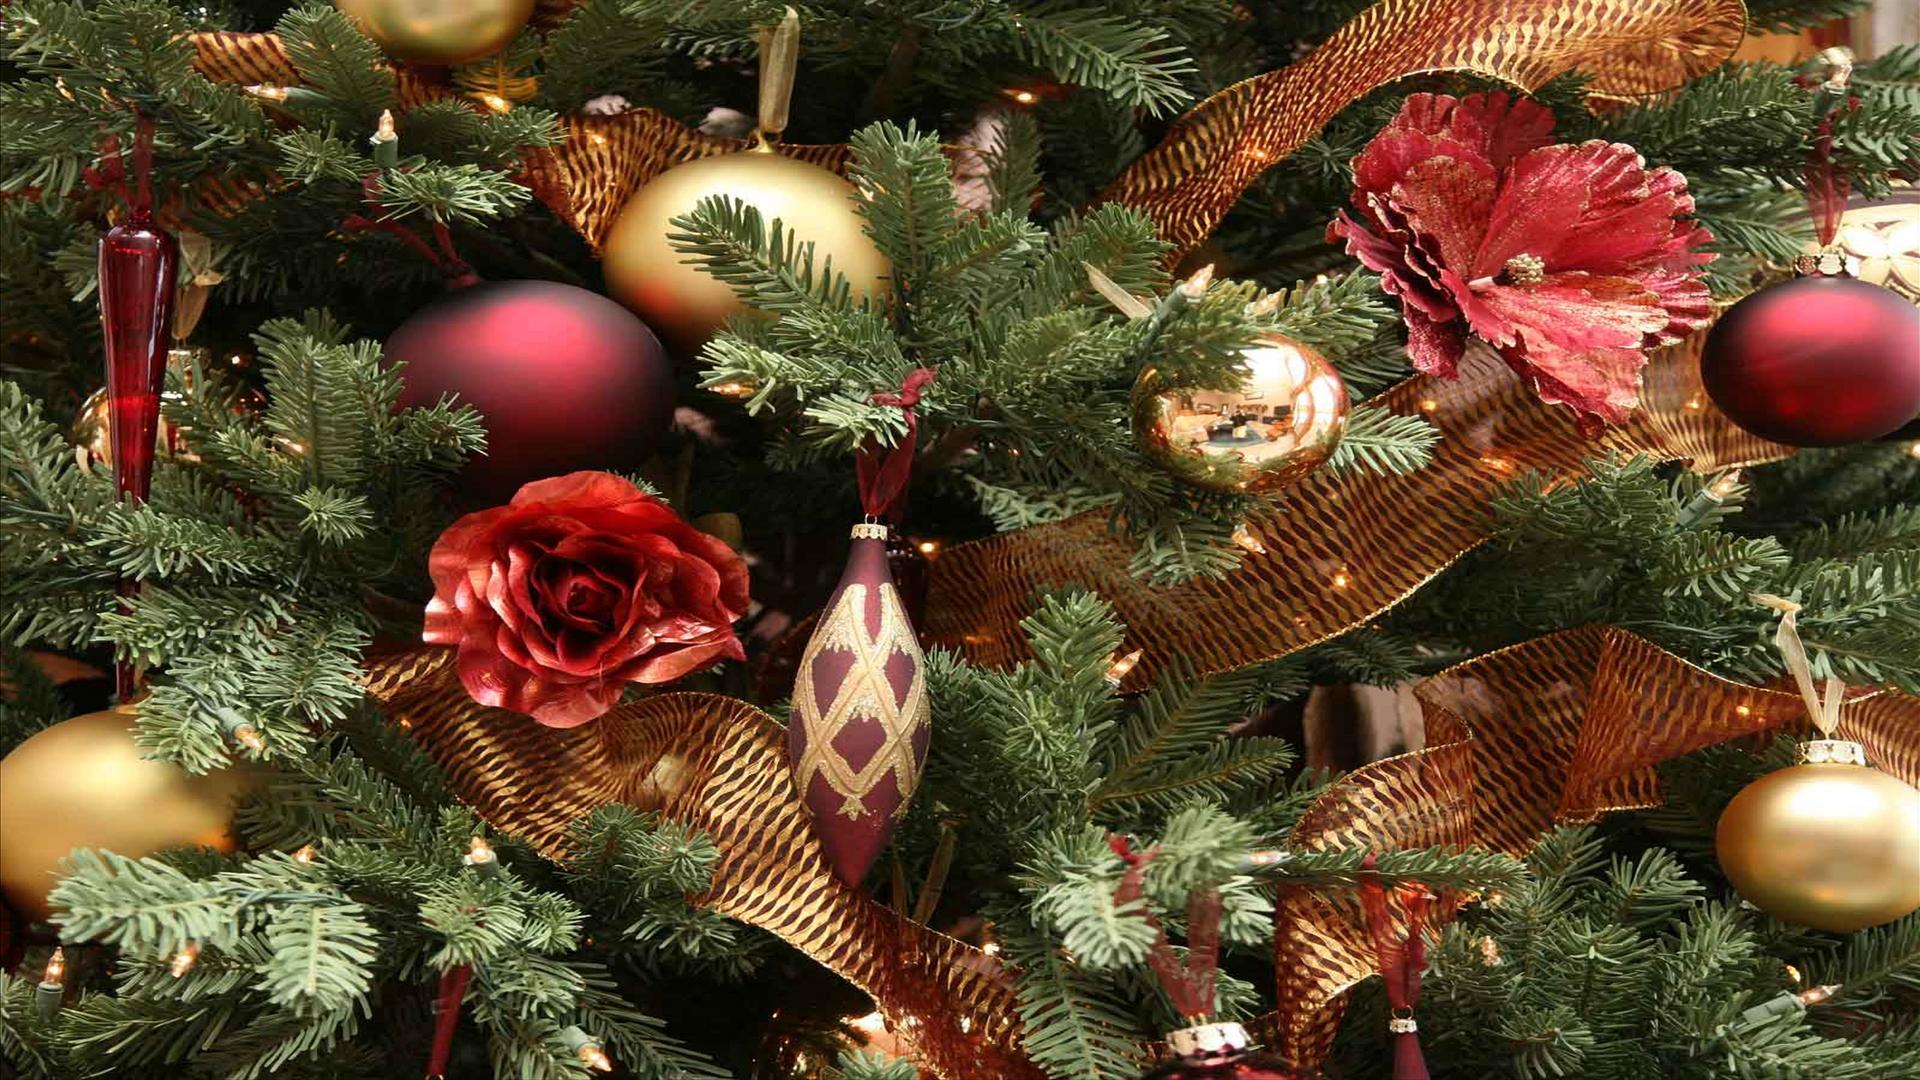 Festive Christmas Tree Wallpaper Free Hd